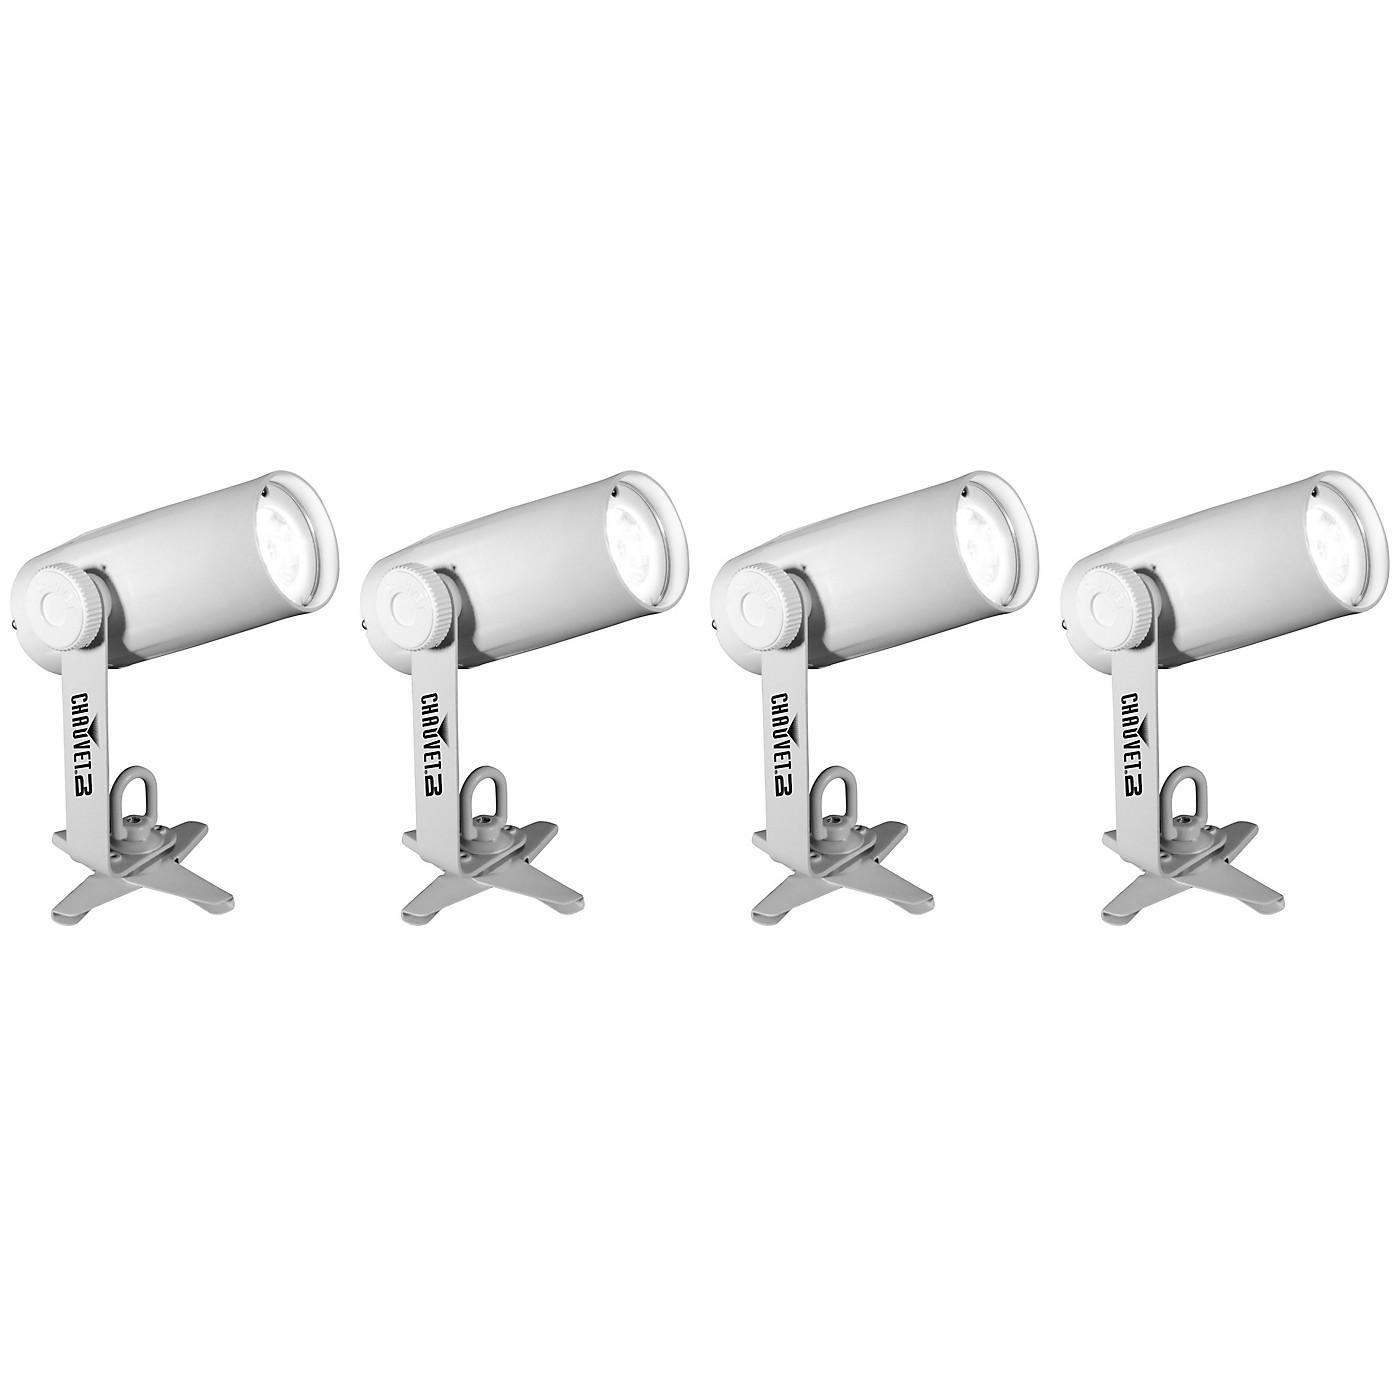 CHAUVET DJ EZpin Pack 4 Battery-Powered LED Spot Light Set thumbnail